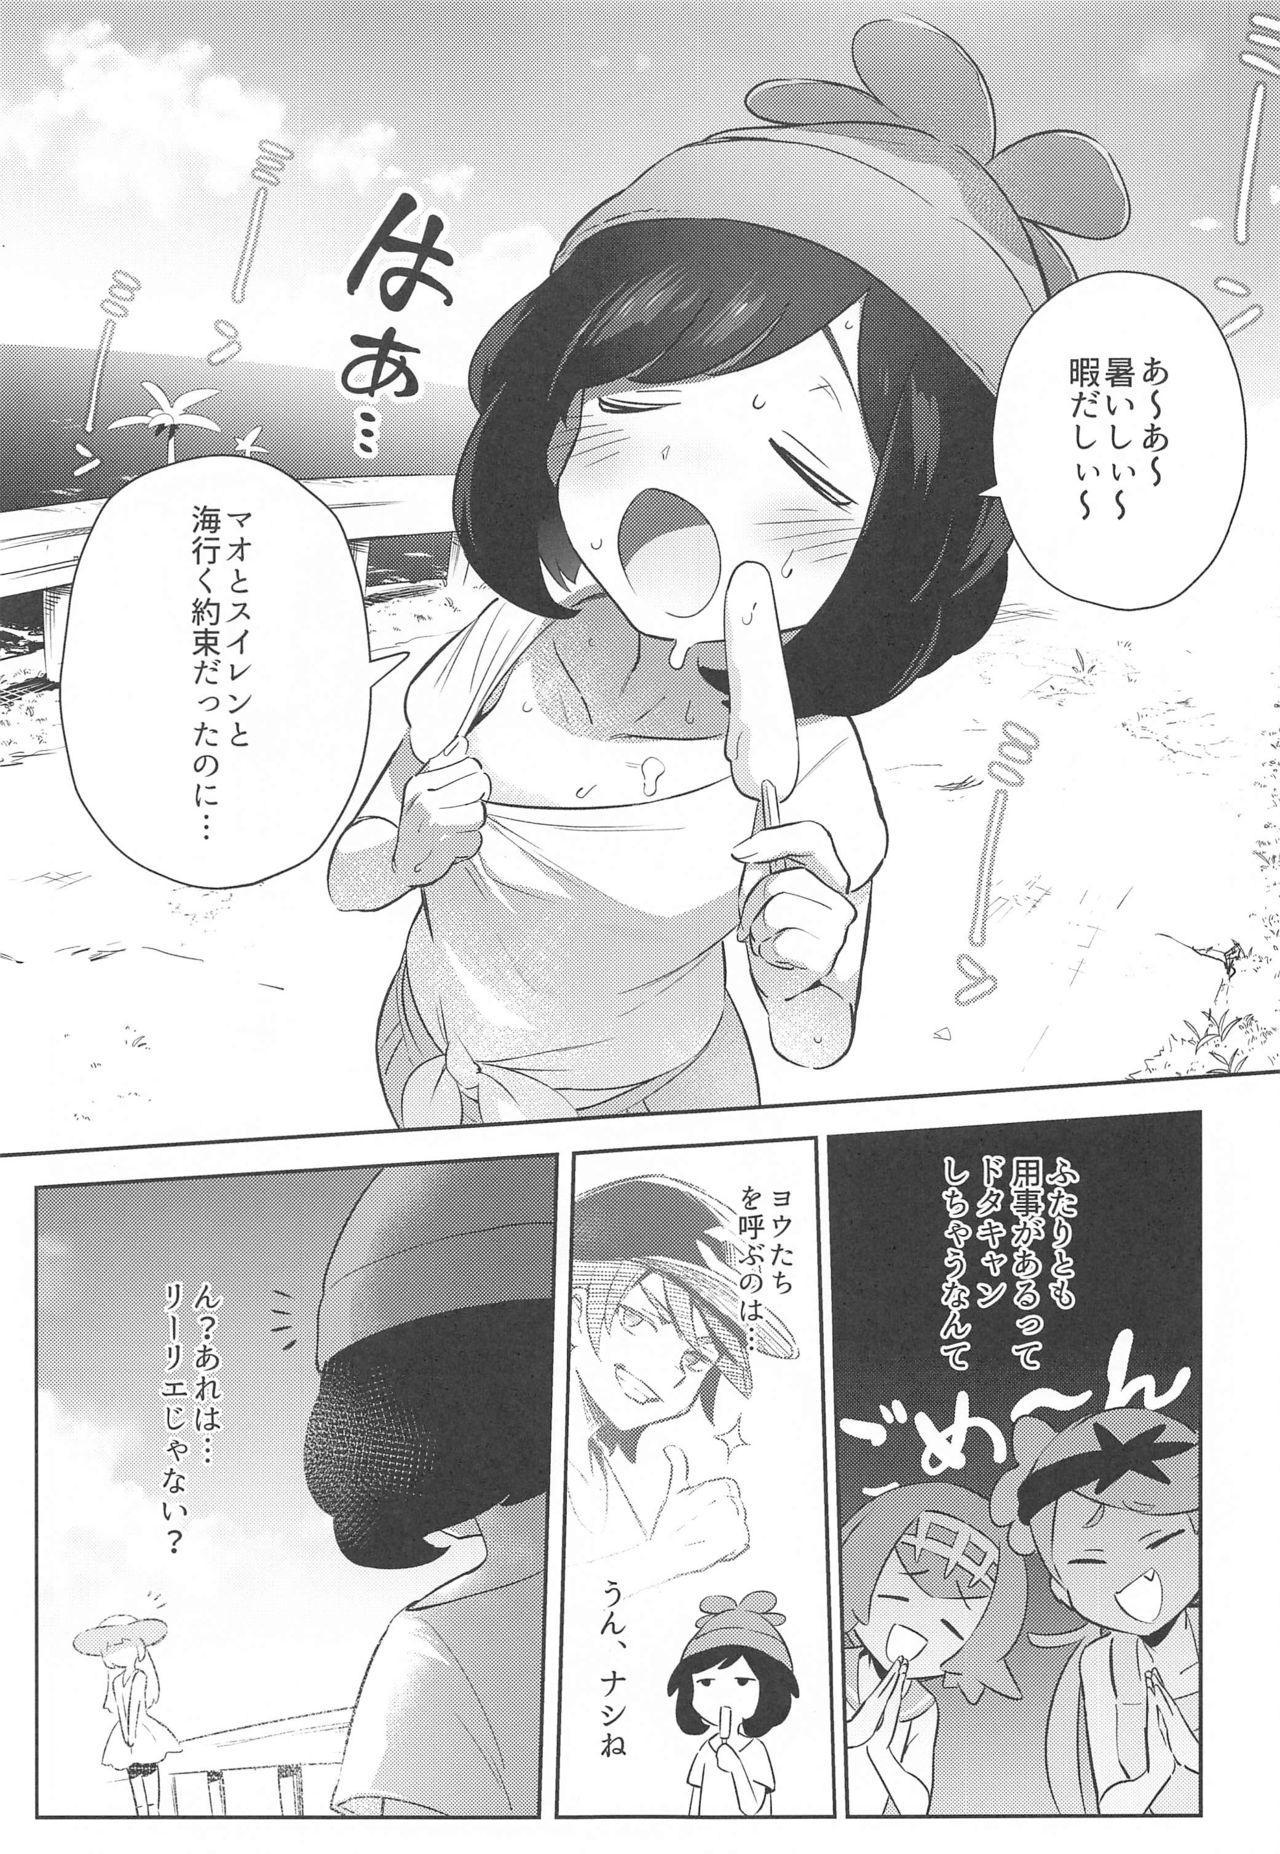 Onnanoko-tachi no Himitsu no Bouken 2 2